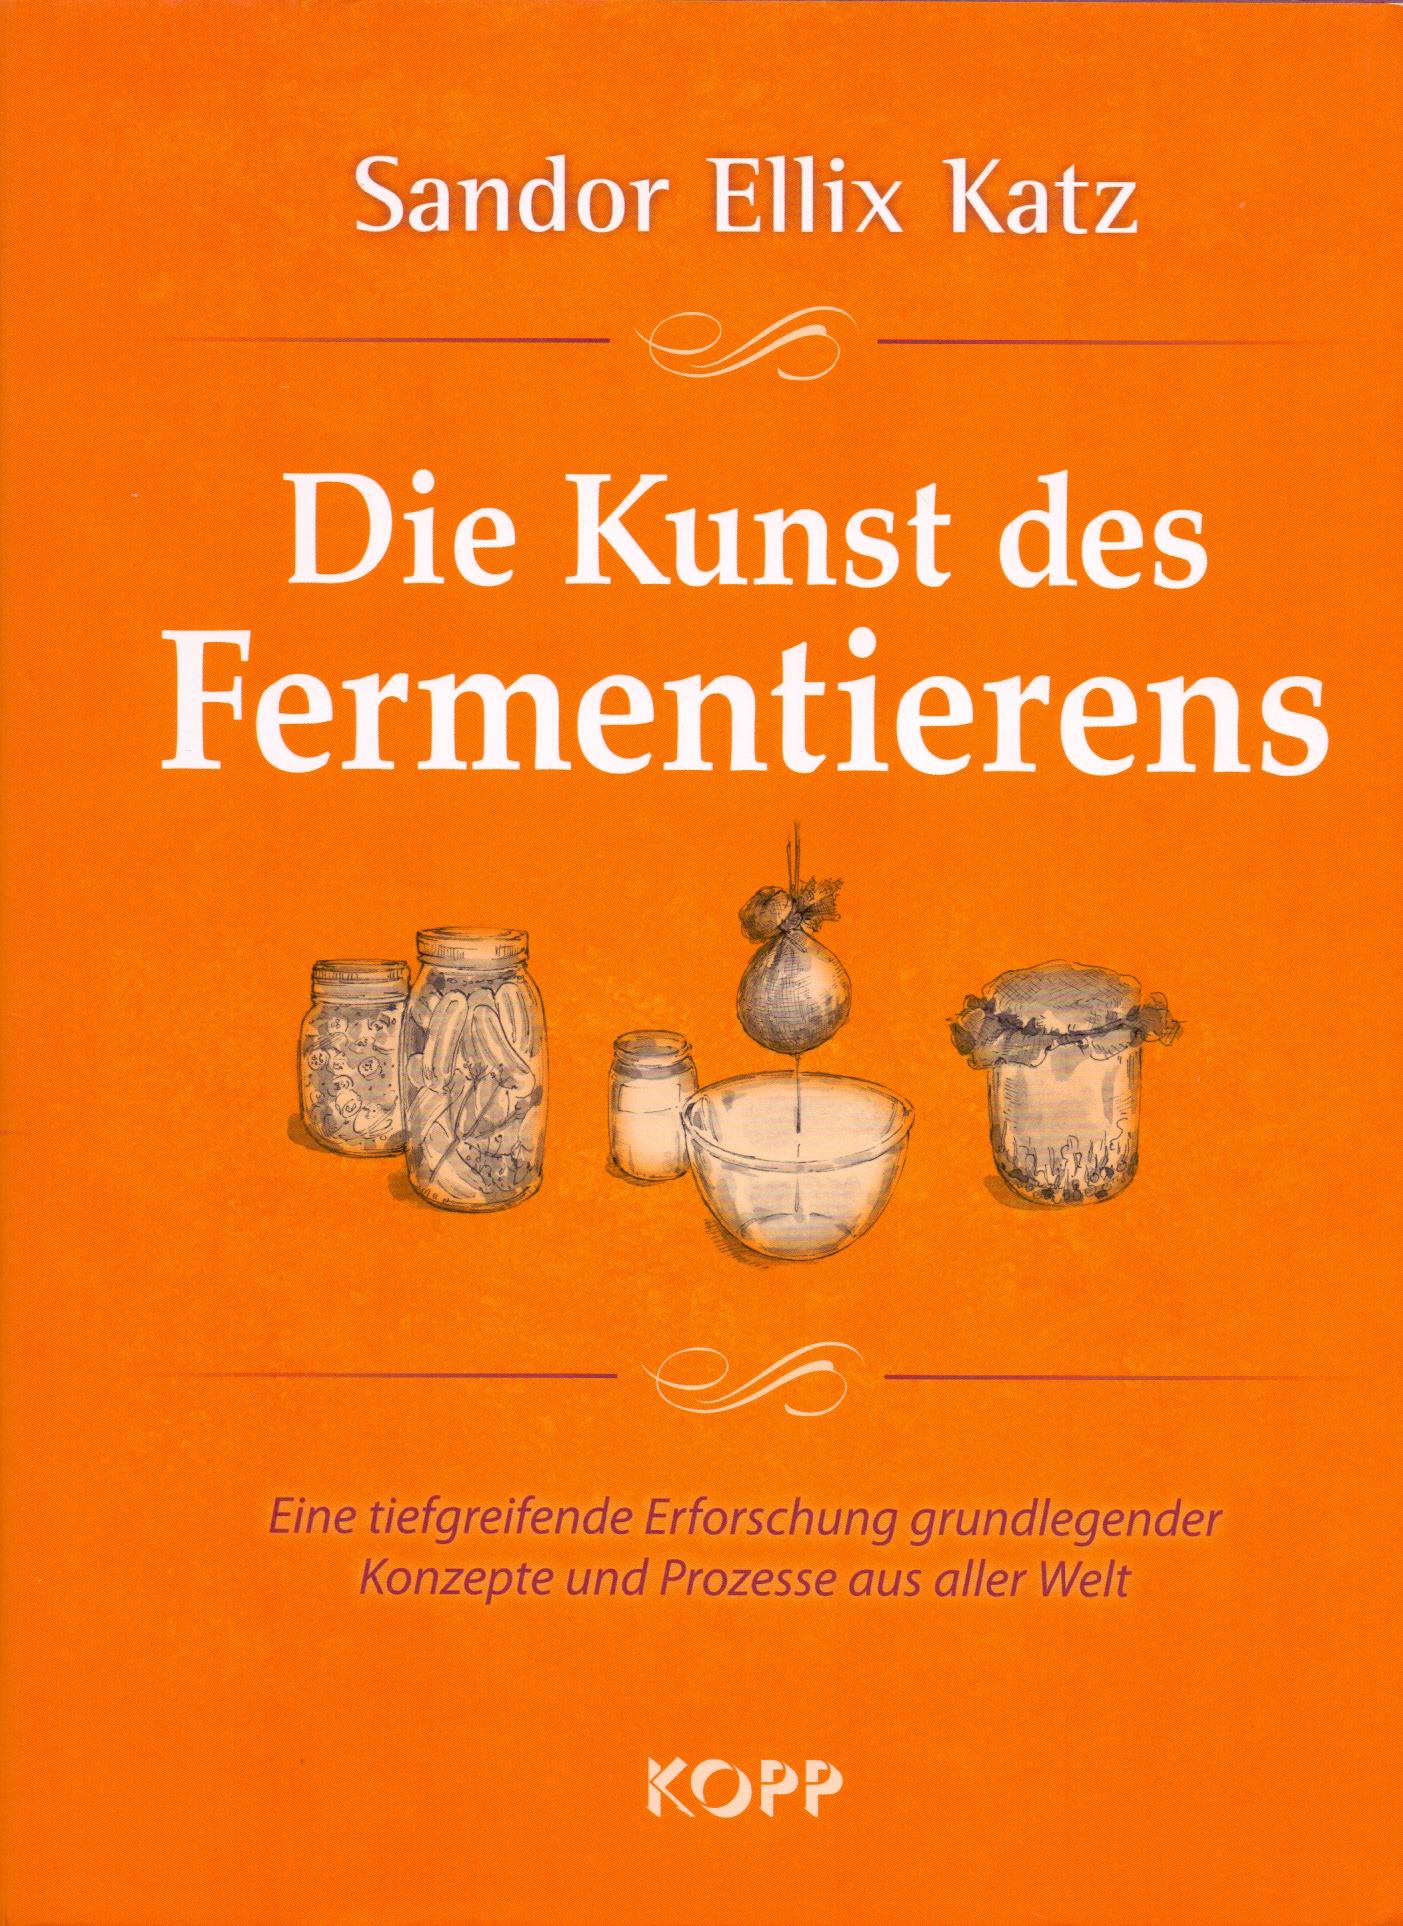 Die Kunst des Fermentierens - Sandor Ellix Katz...